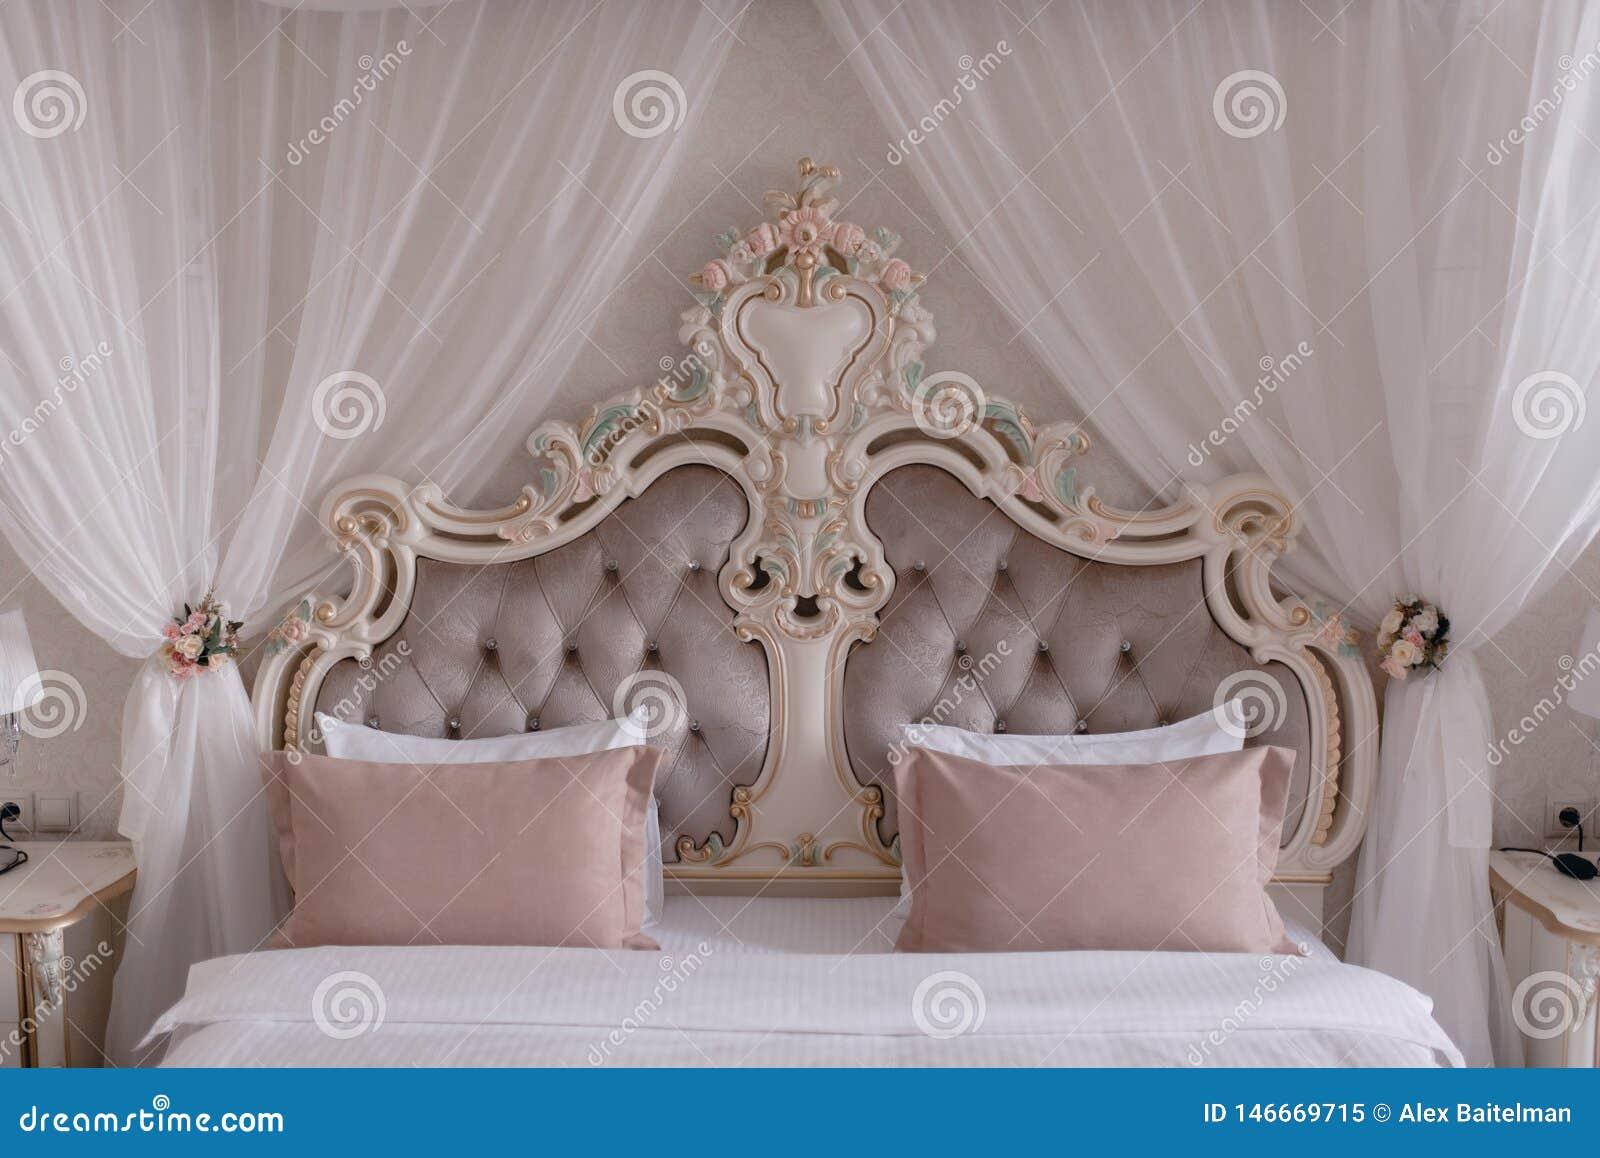 Großes schönes Bett mit Kissen in der Schlafzimmernahaufnahme